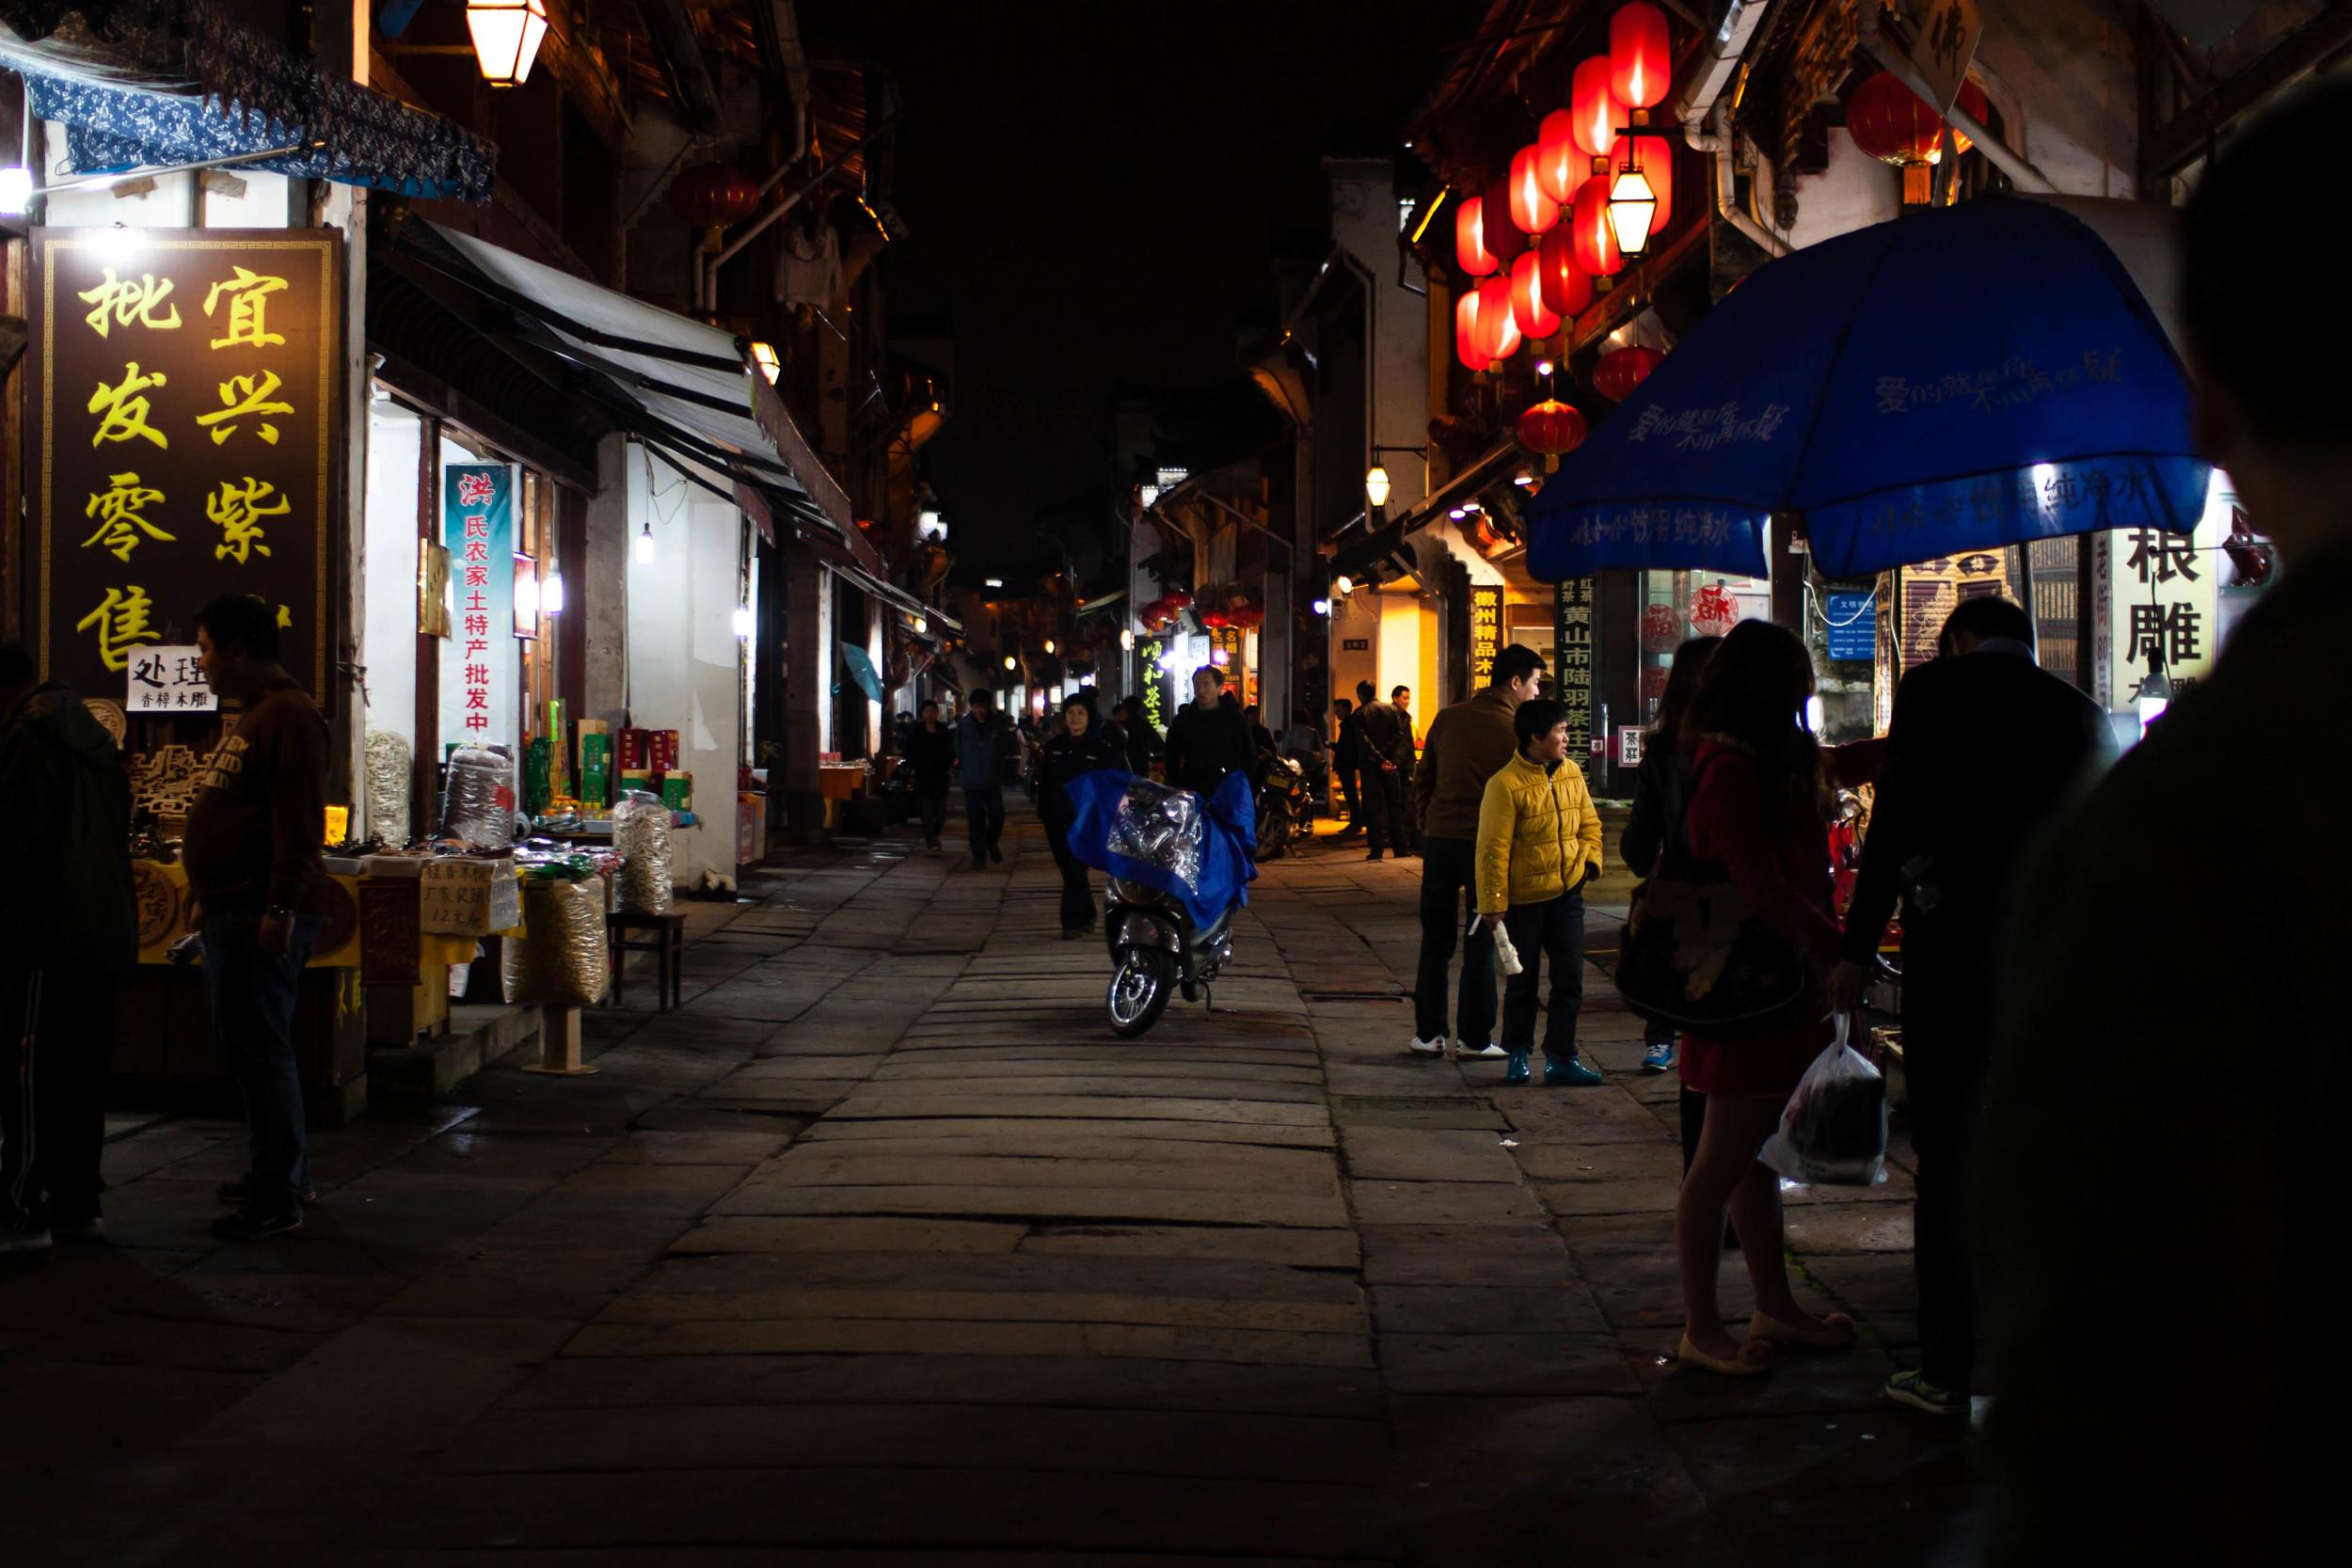 Old Town, Tunxi